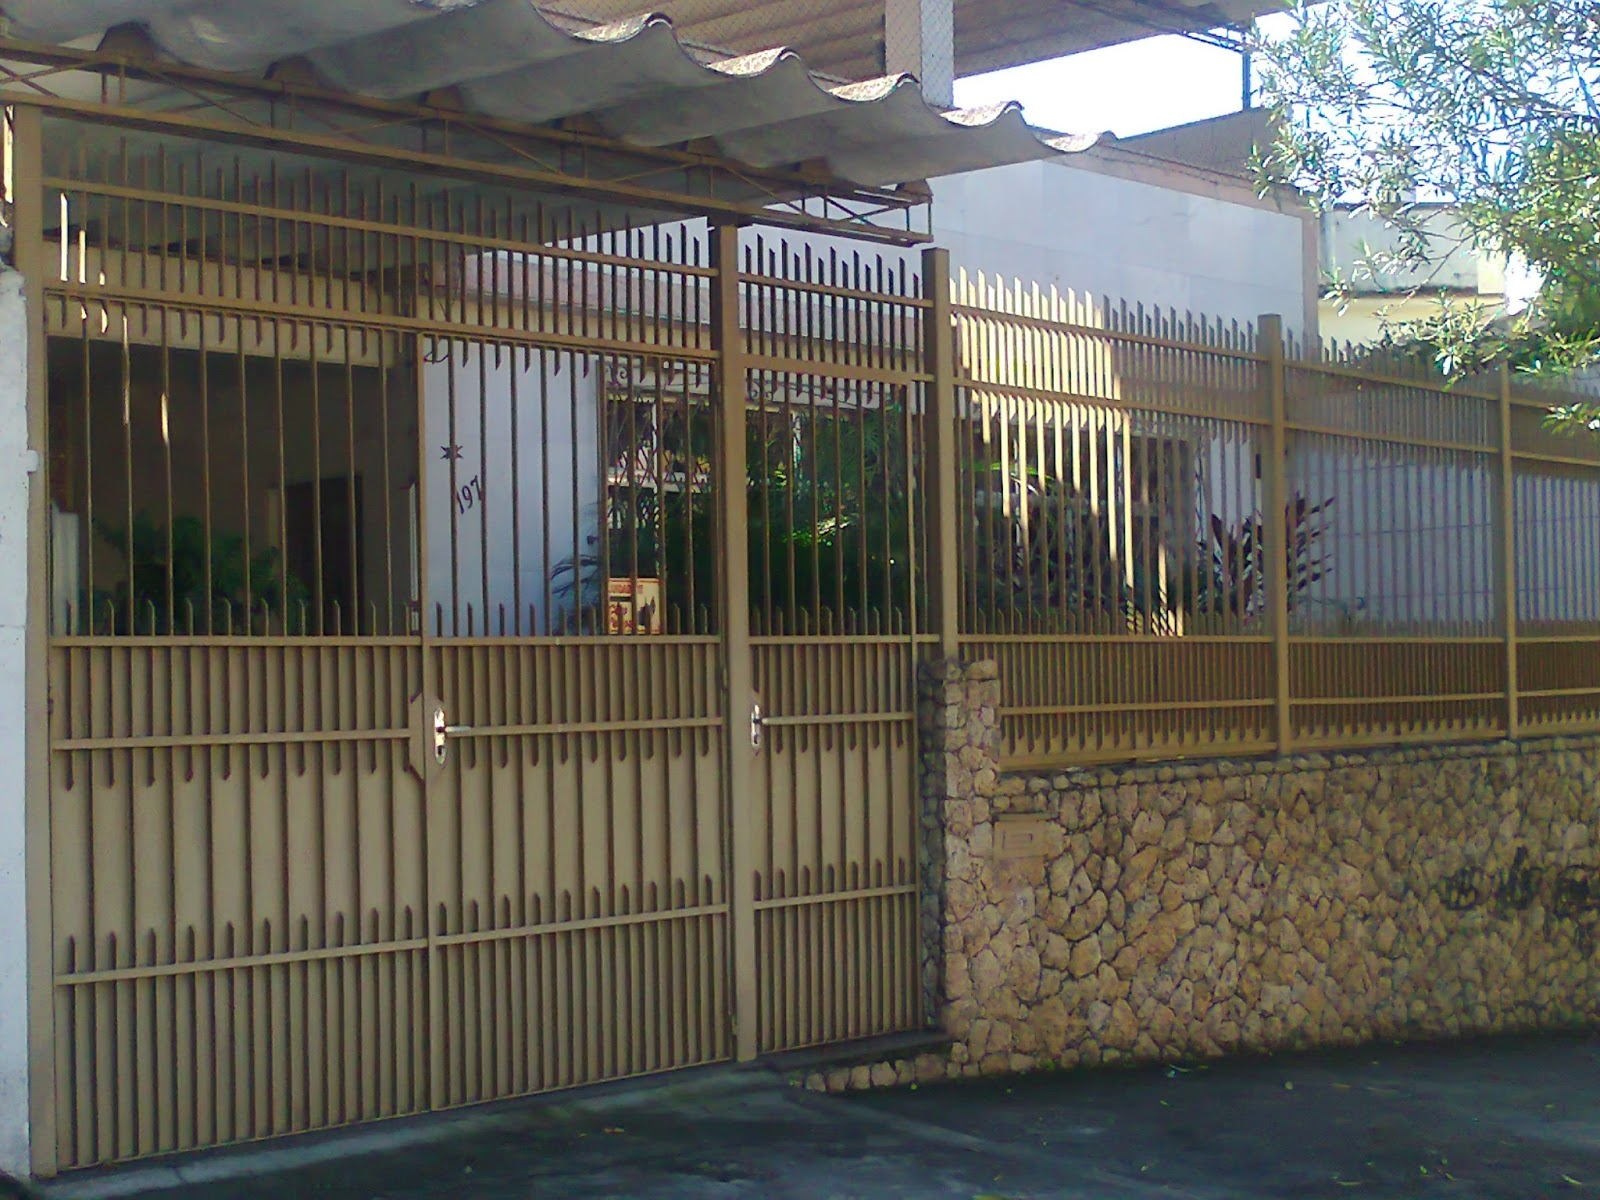 #817C4A ESQUADRIAS ALUMINIO E FERRO: Esquadrias Aluminio e Ferro Rj 932 Orçamento Janela Aluminio Rio De Janeiro